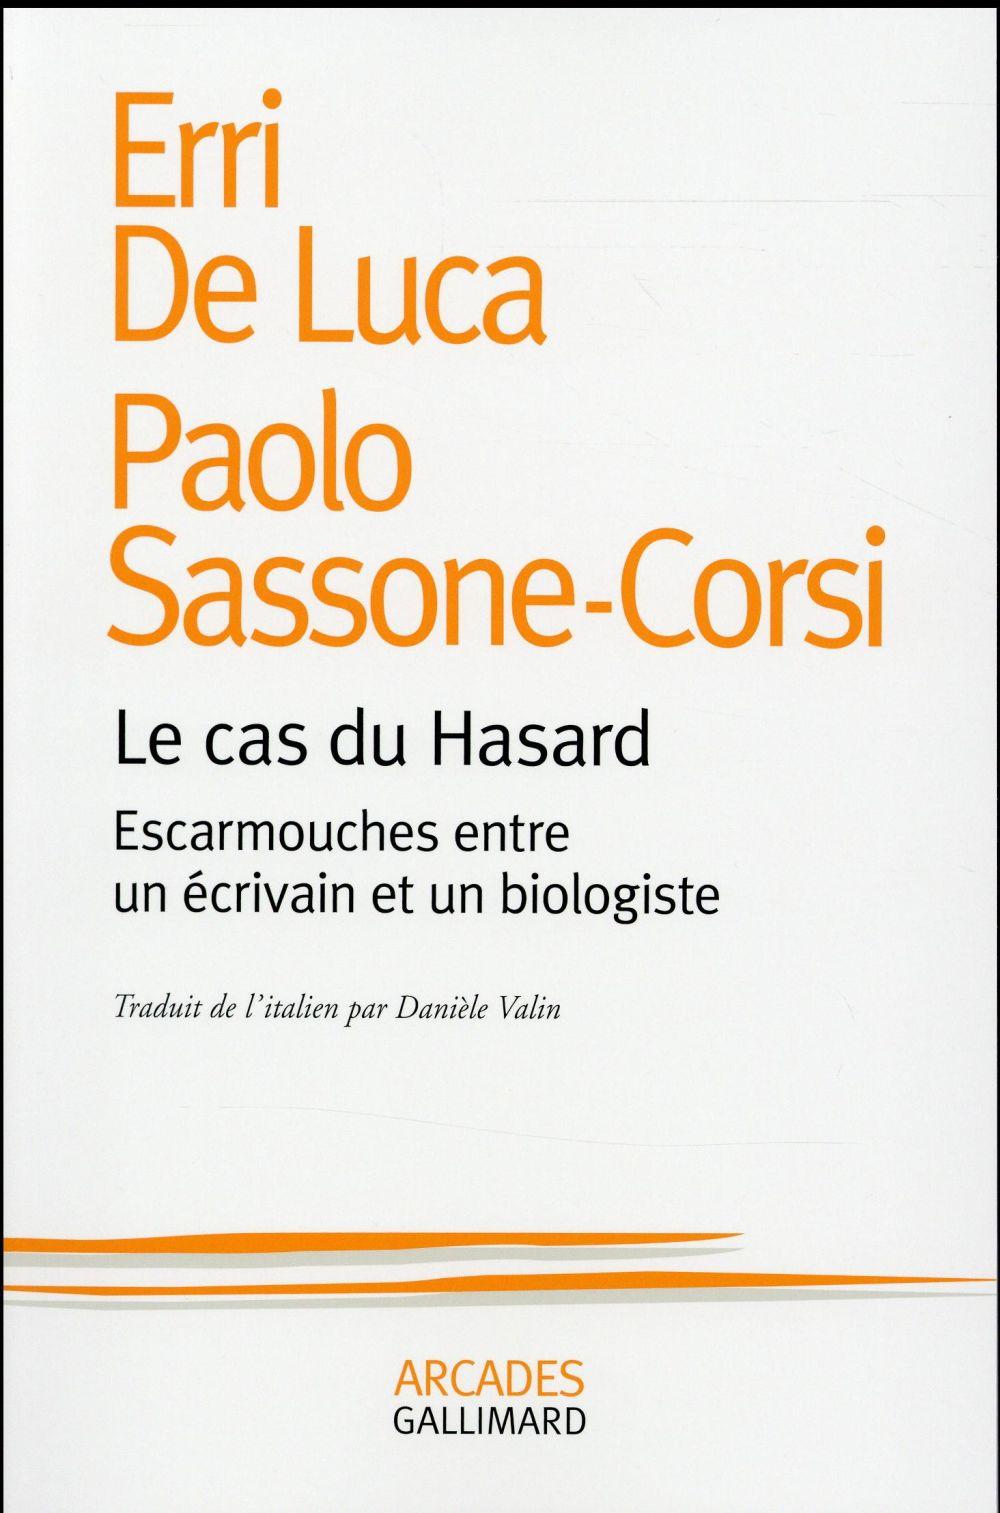 LE CAS DU HASARD ESCARMOUCHES ENTRE UN ECRIVAIN ET UN BIOLOGISTE